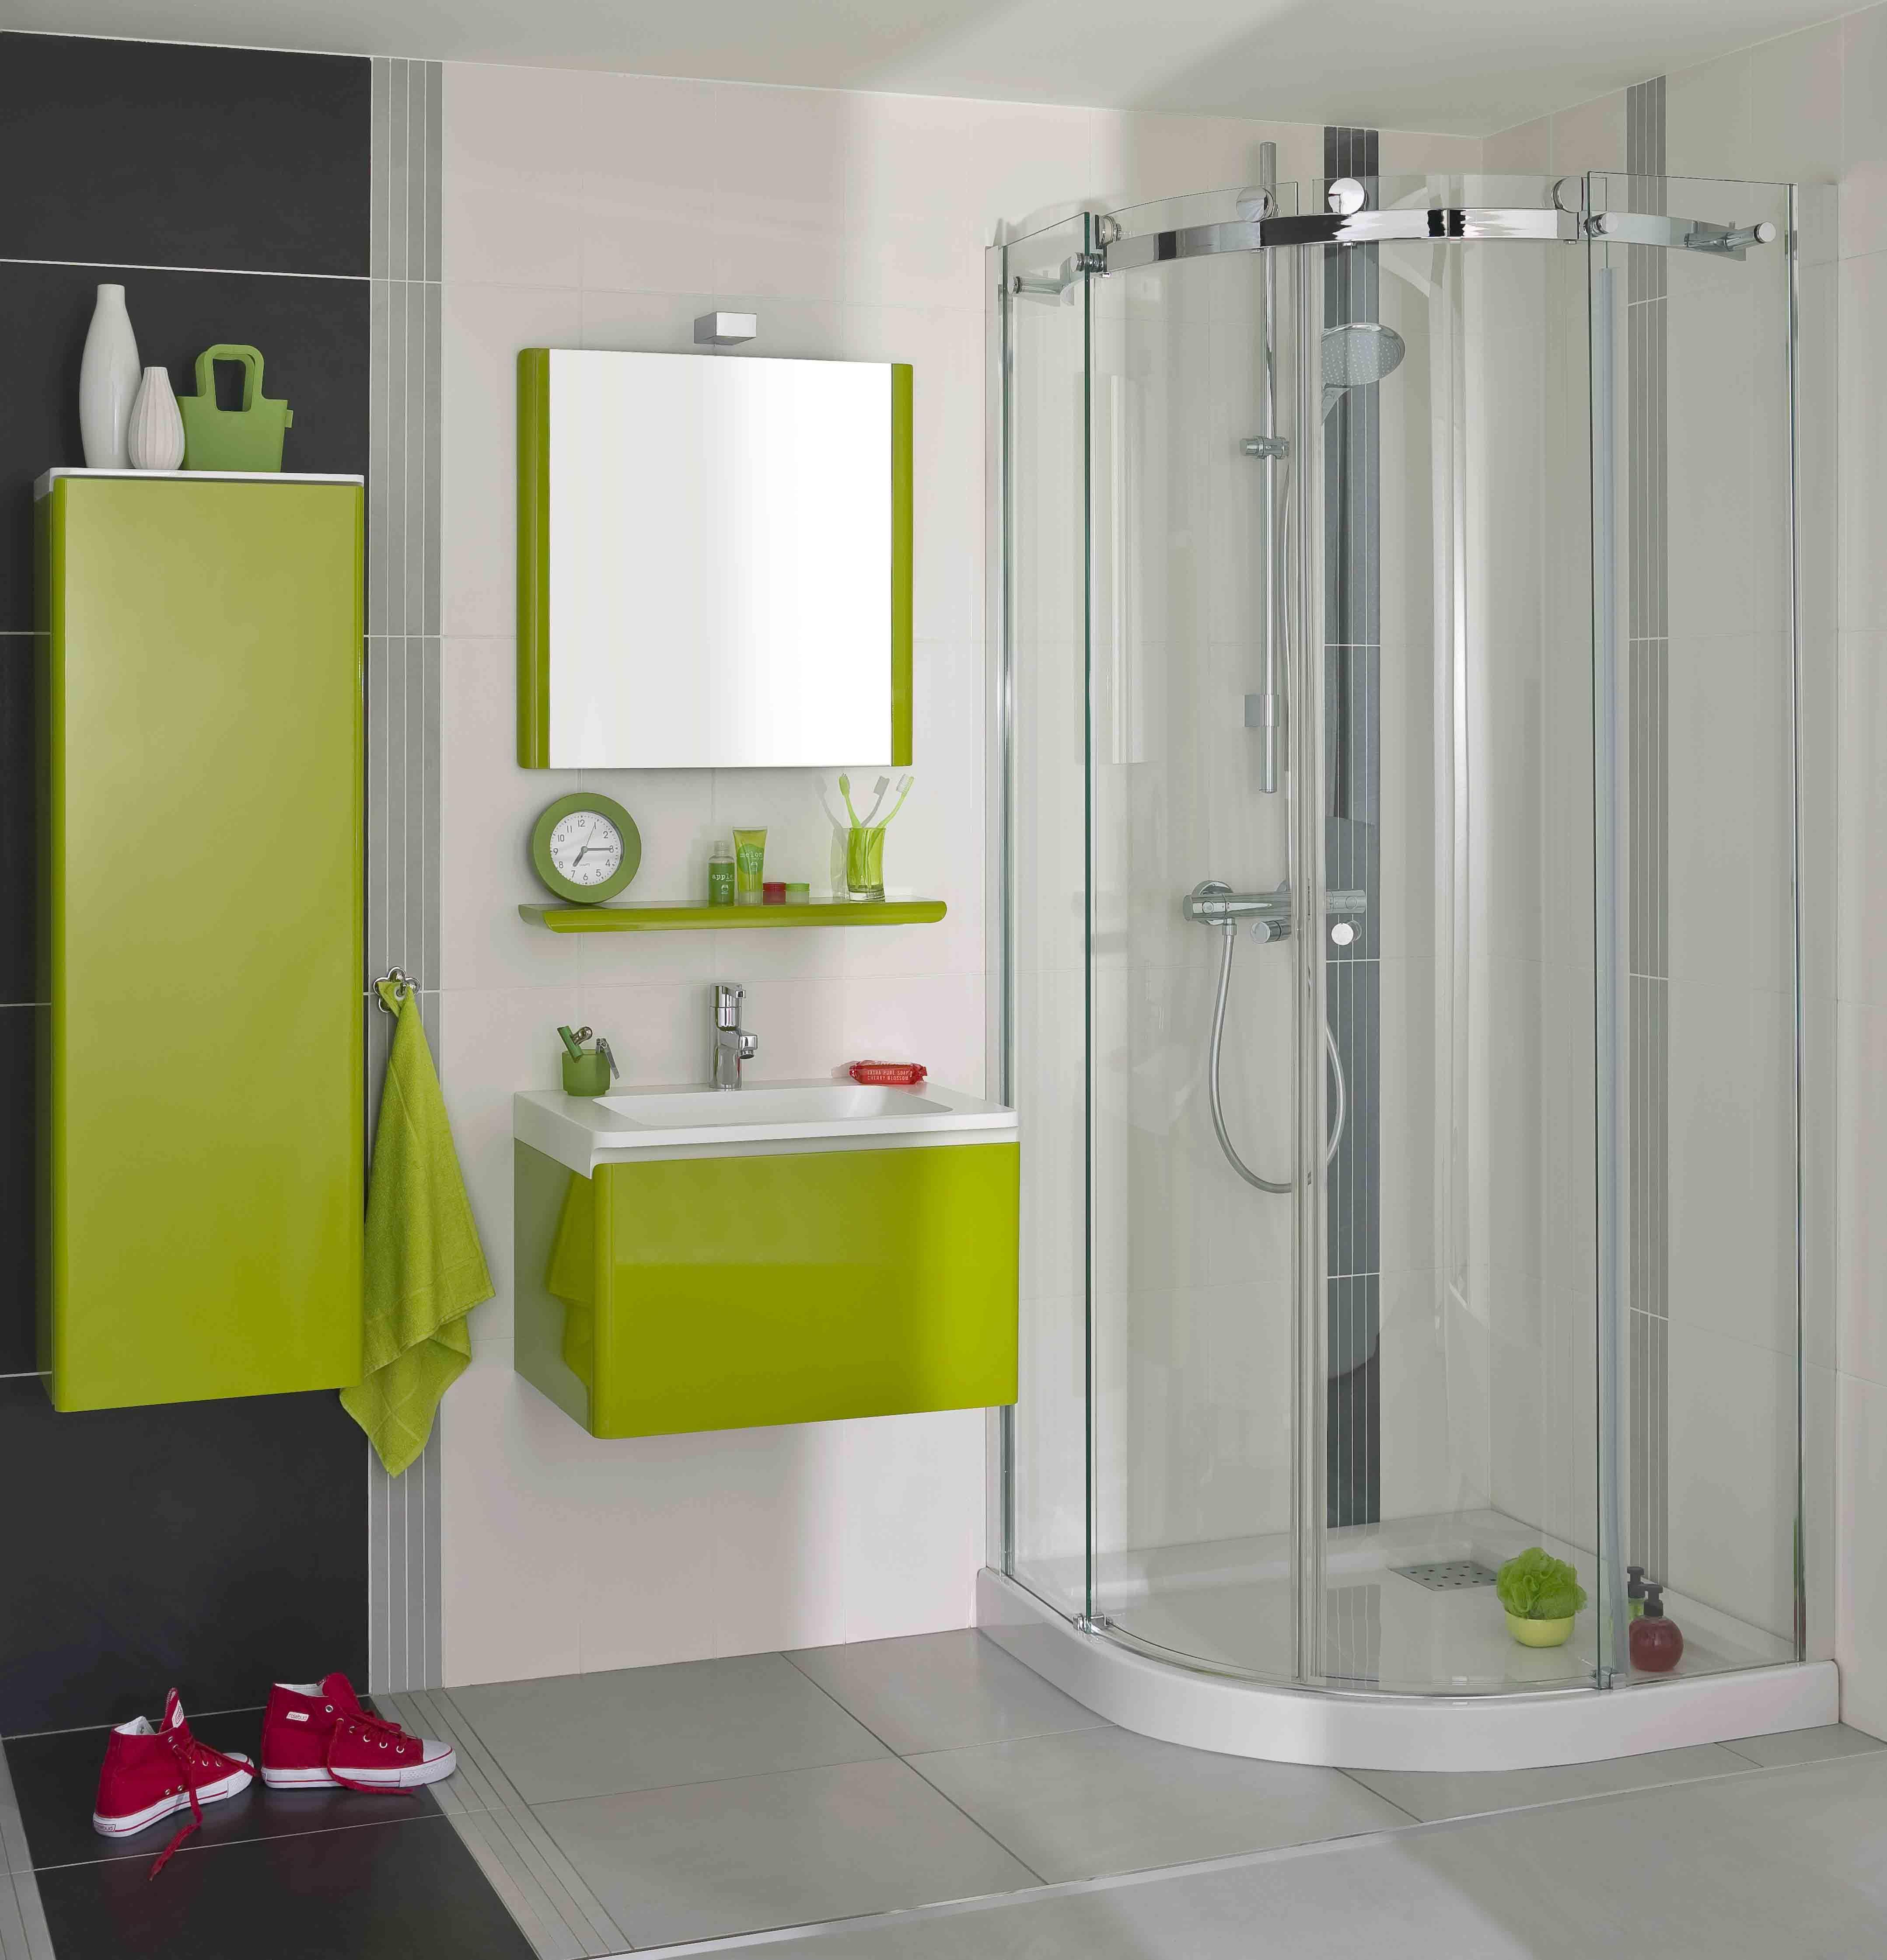 Pingl par paola paiva sur sanitarios pinterest salle for Salle de bain xxs